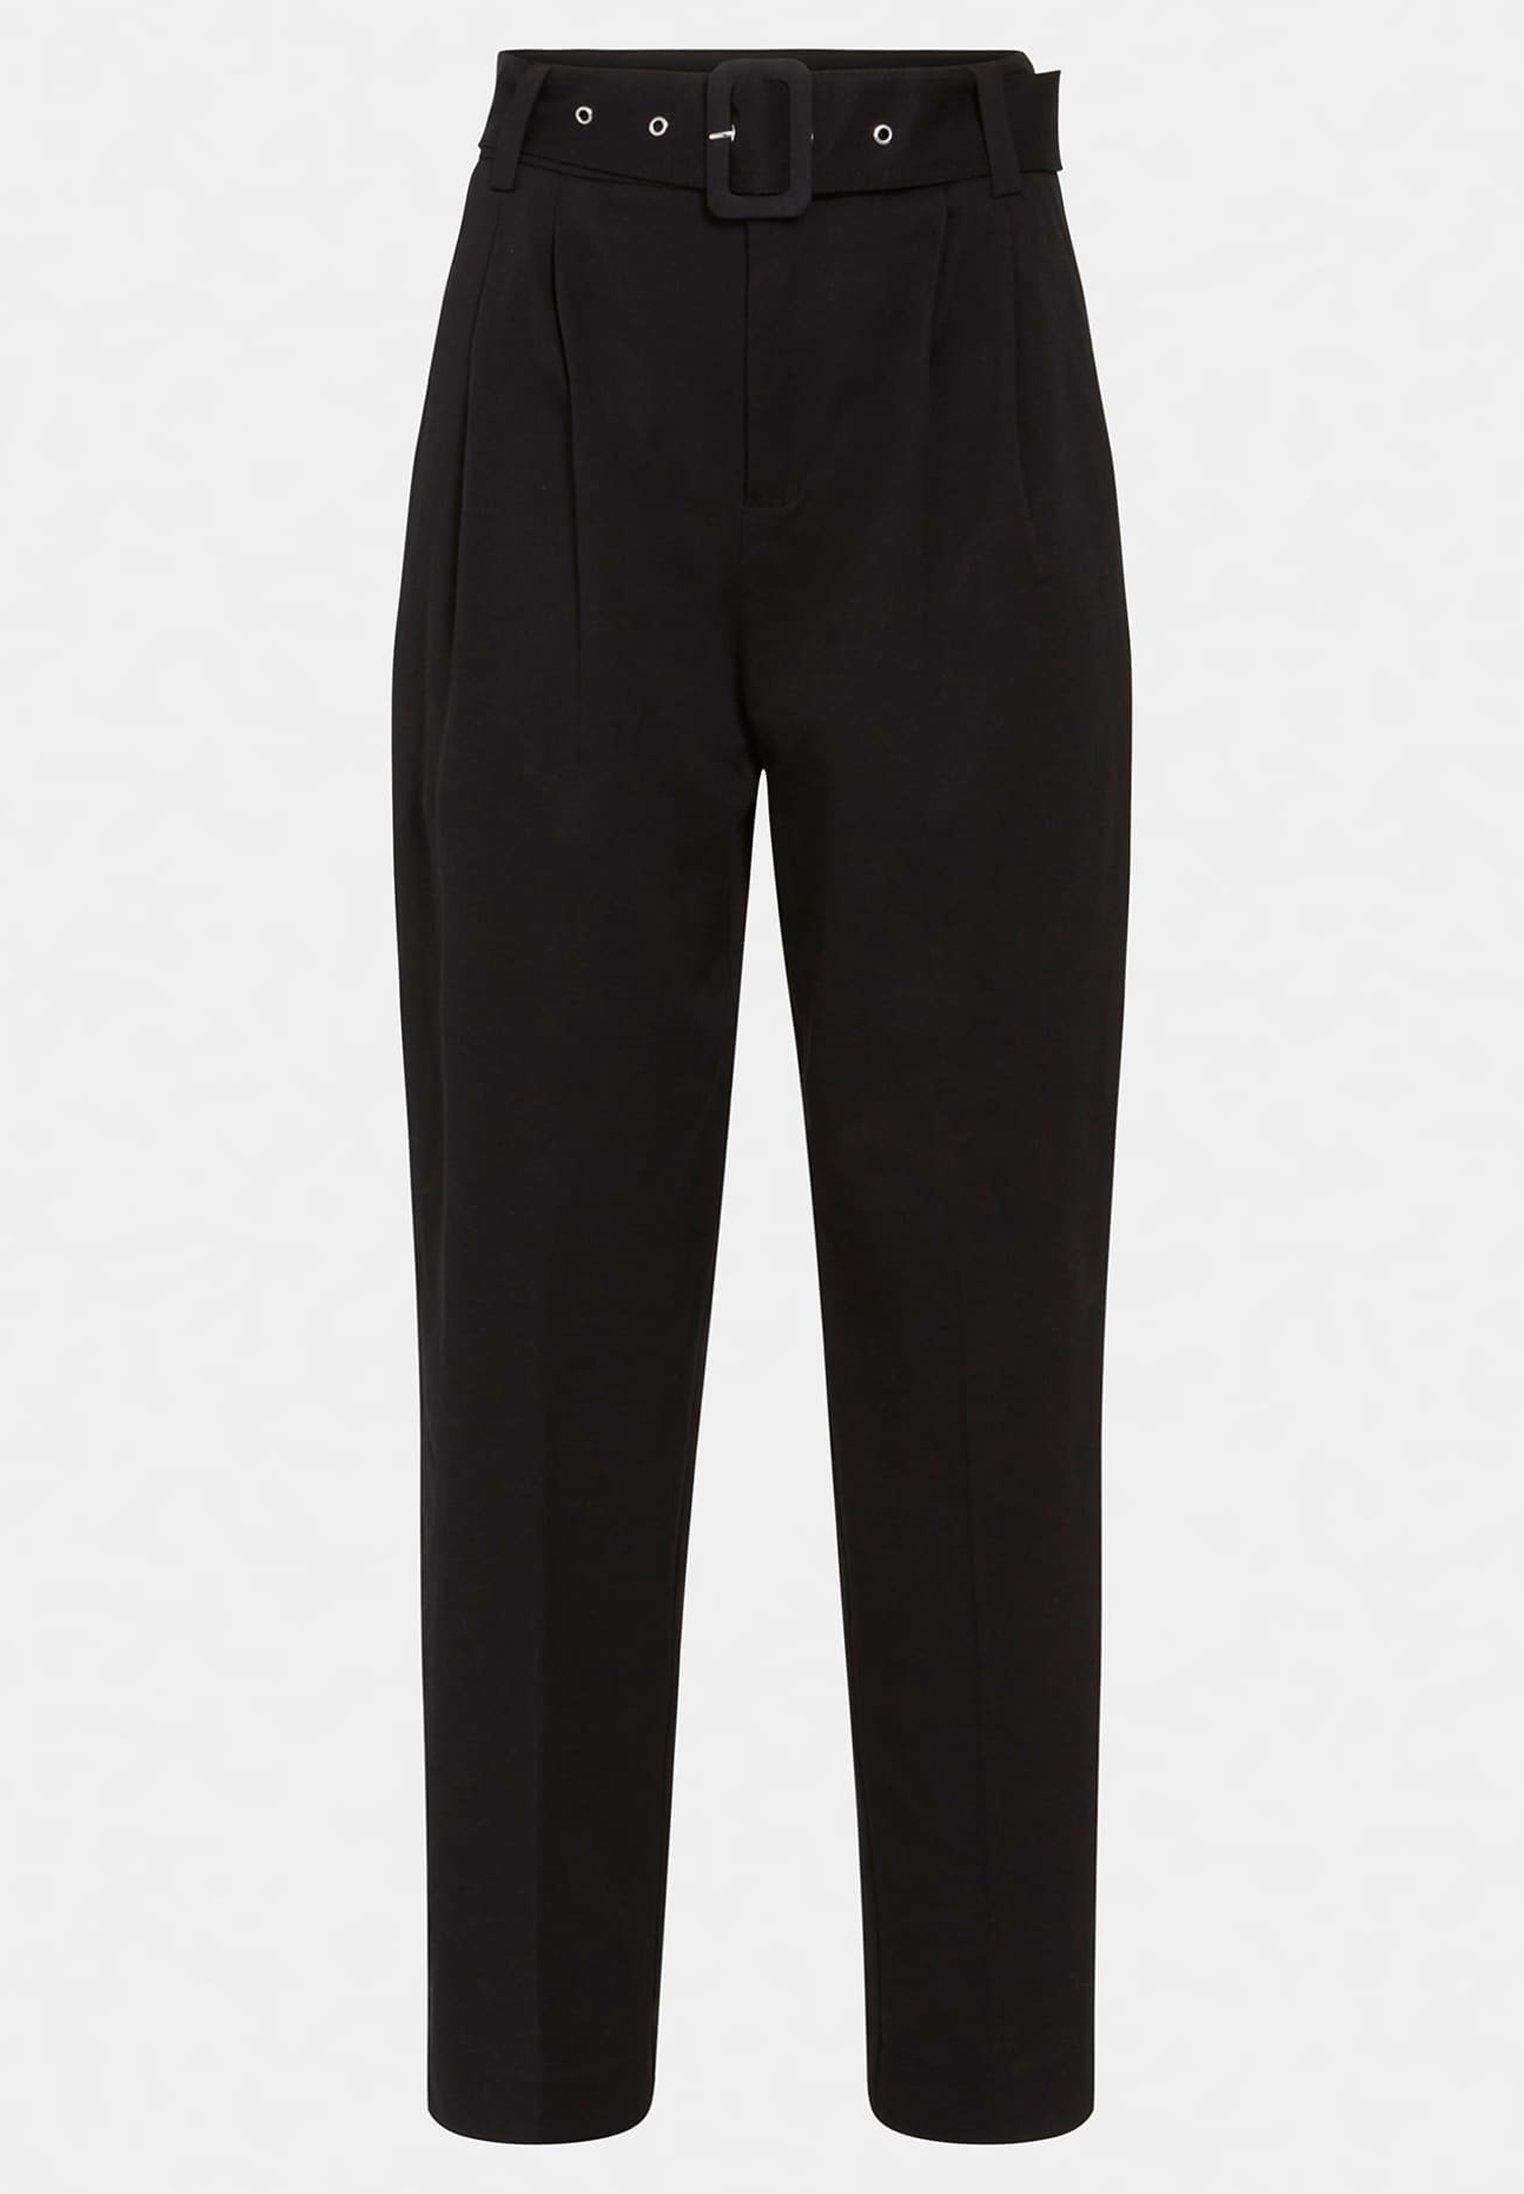 Femme PRUDENCE - Pantalon classique